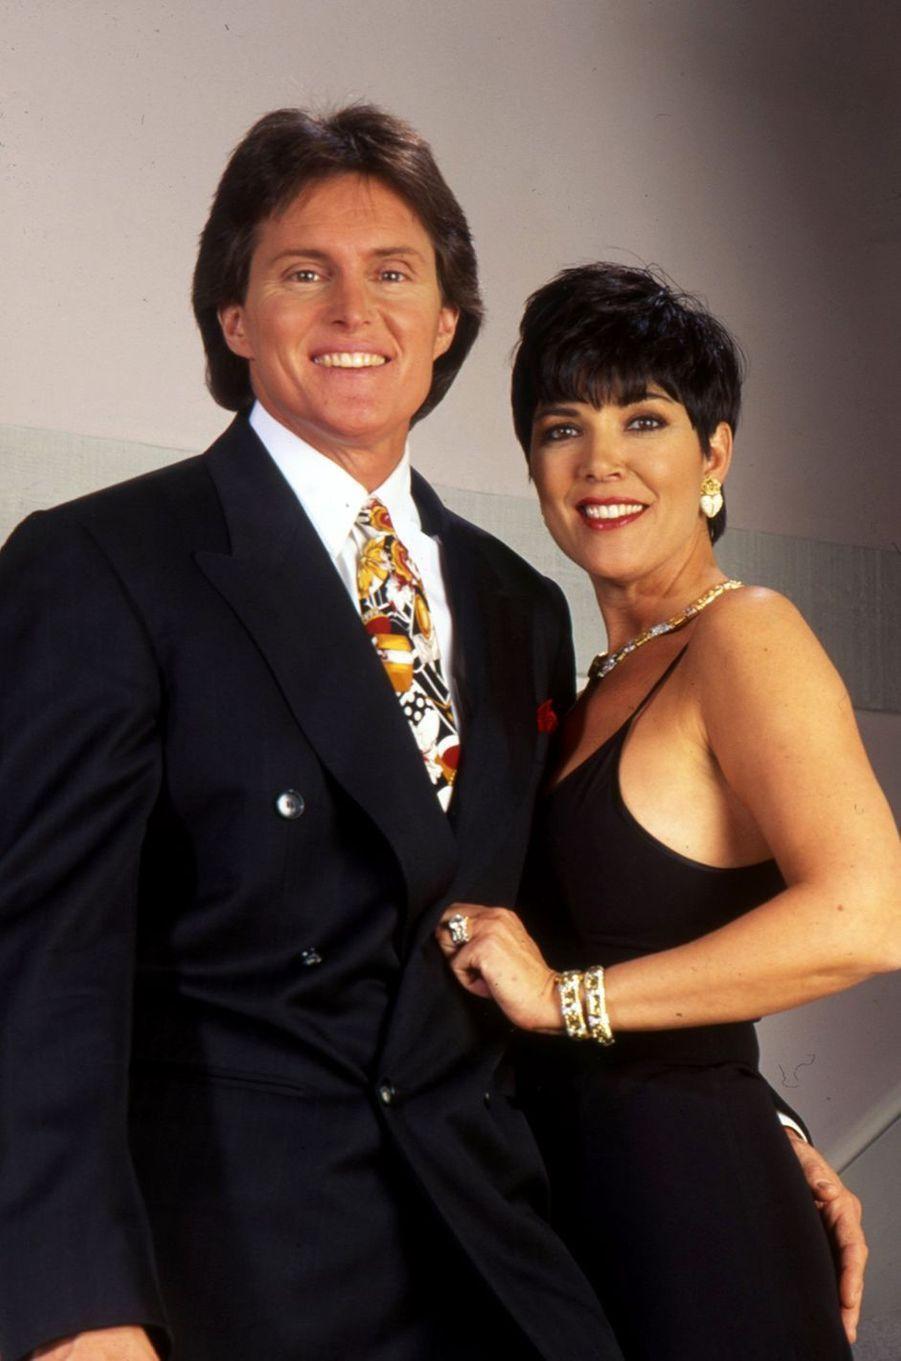 Bruce et Kris Jenner posent pour un portrait en 1991